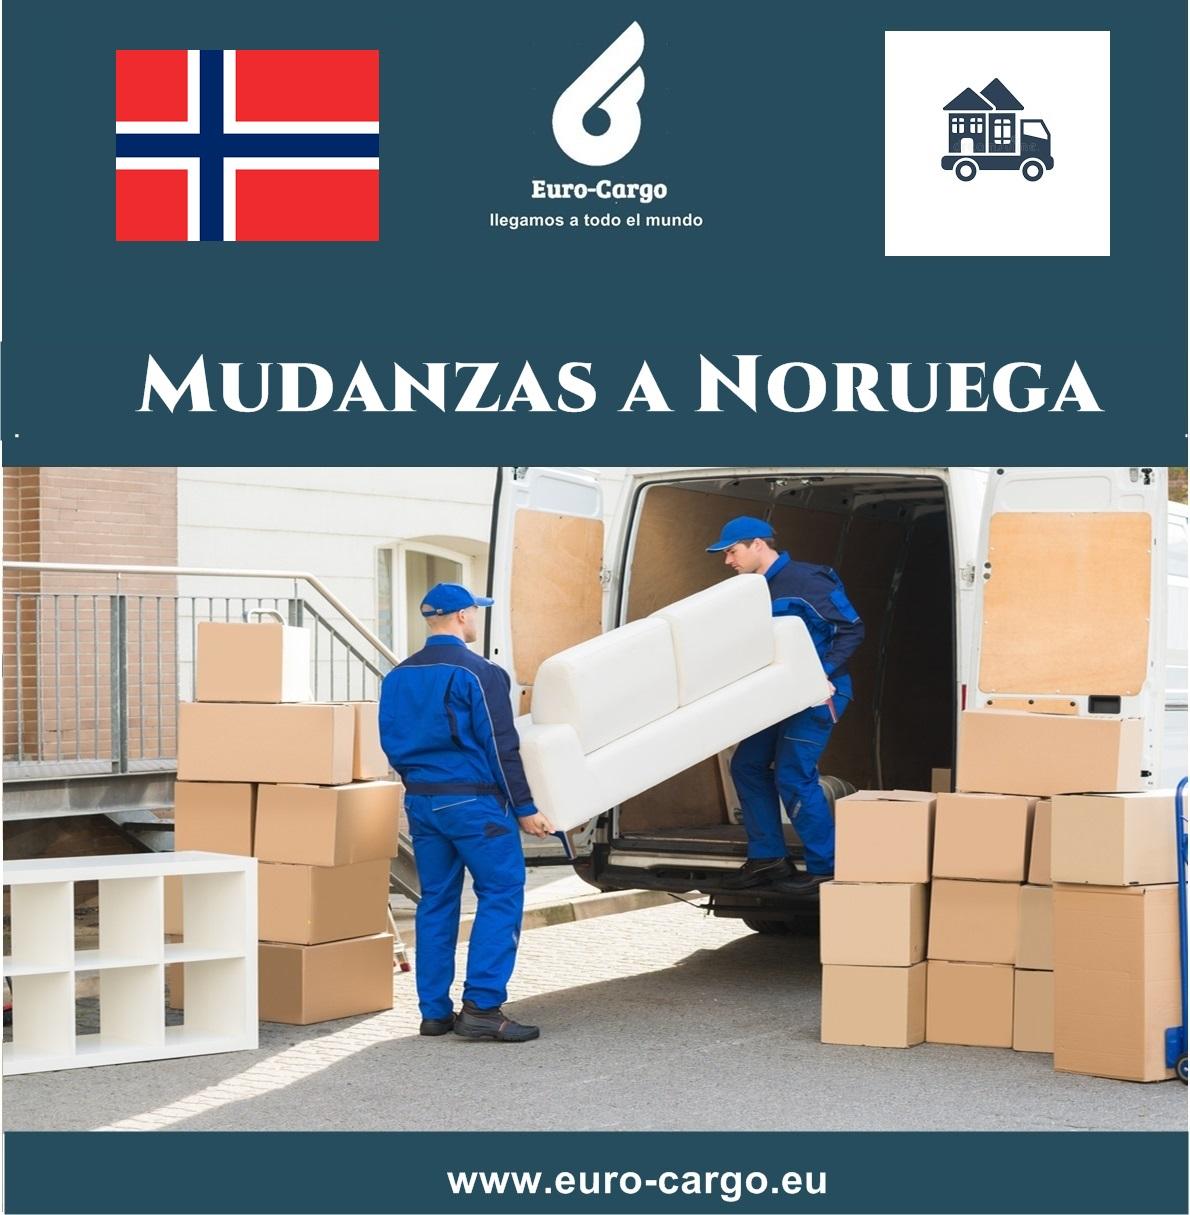 Mudanzas-a-Noruega.jpg